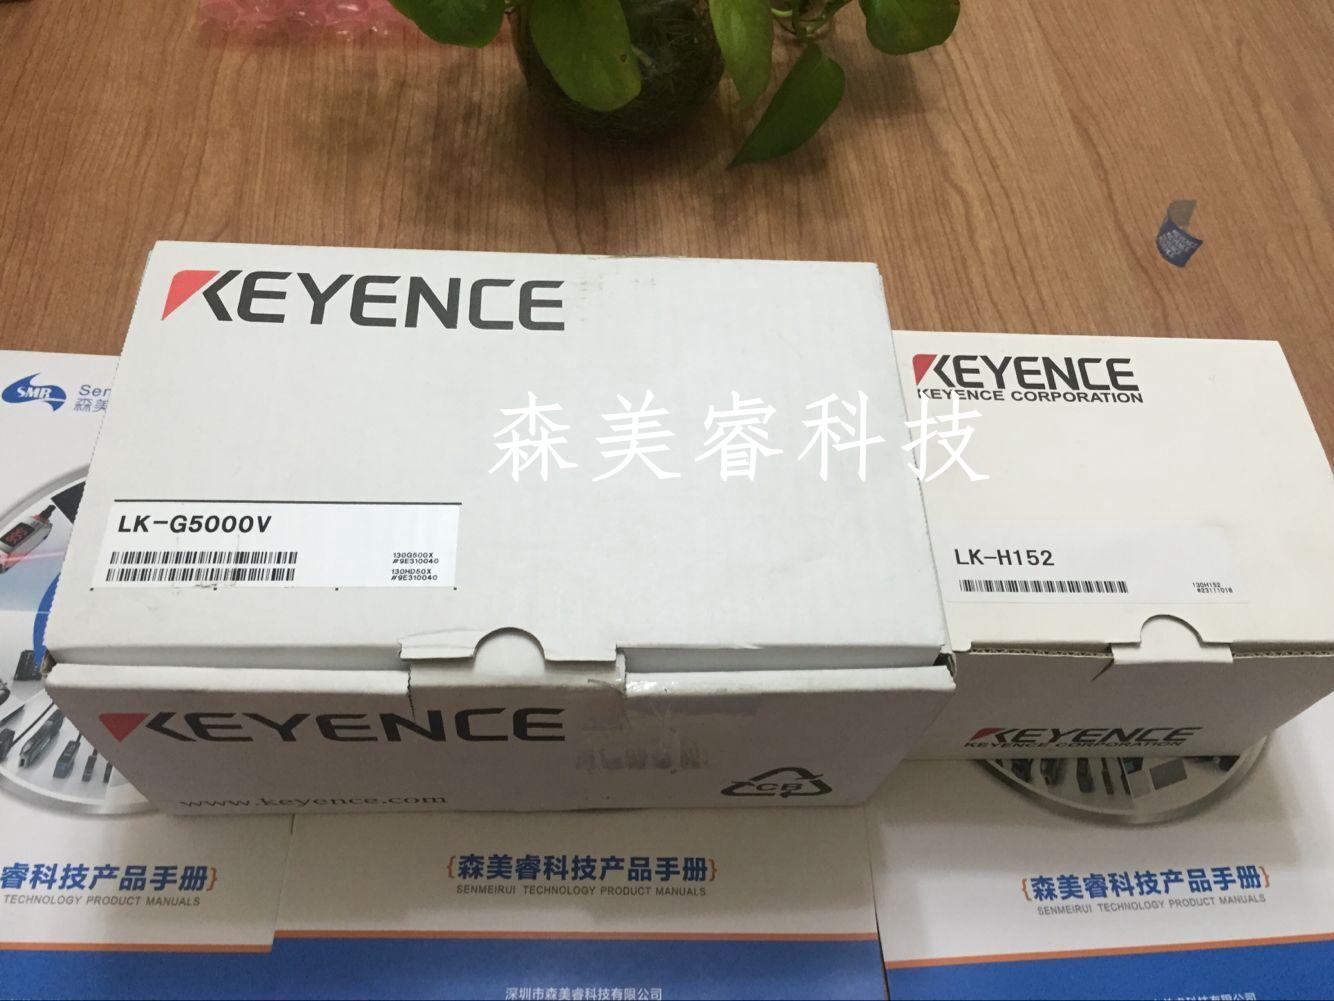 LK-H023、LK-H023基恩士KEYENCE日本进口